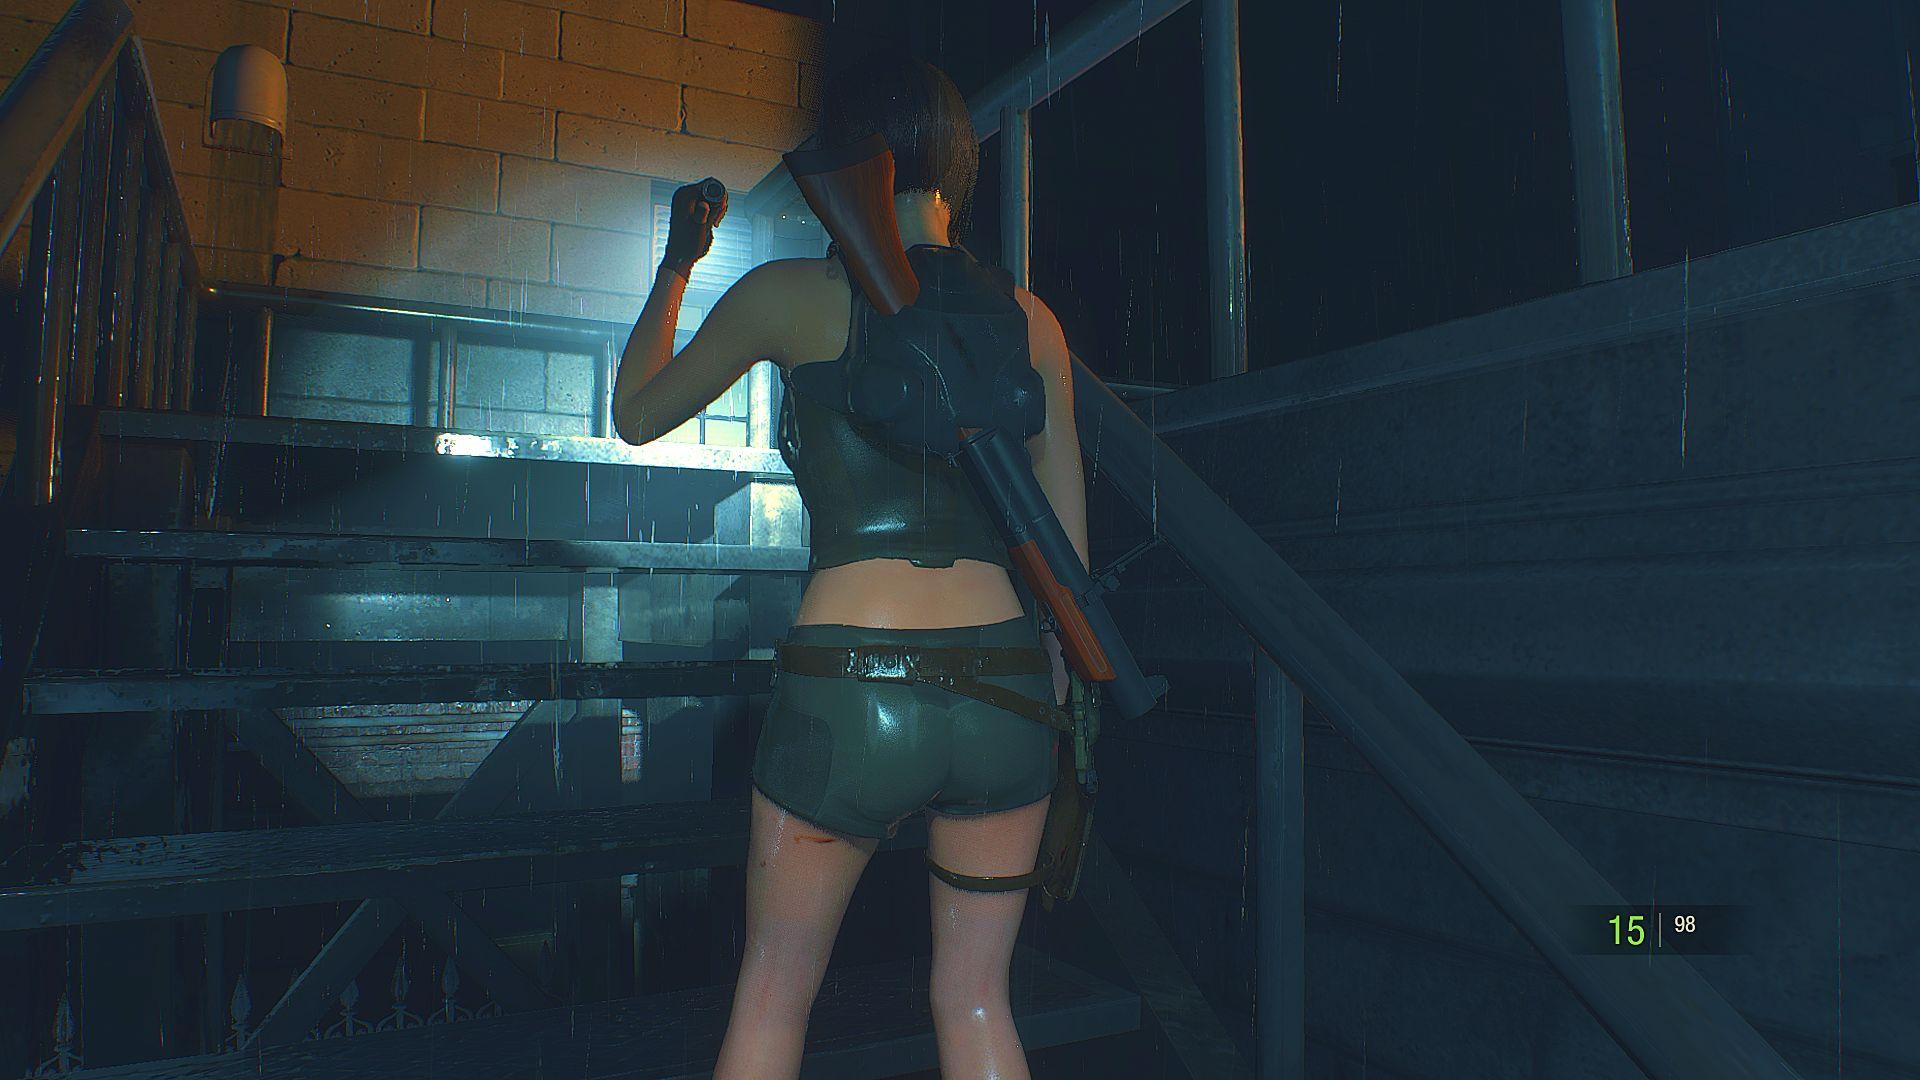 00088.Jpg - Resident Evil 2